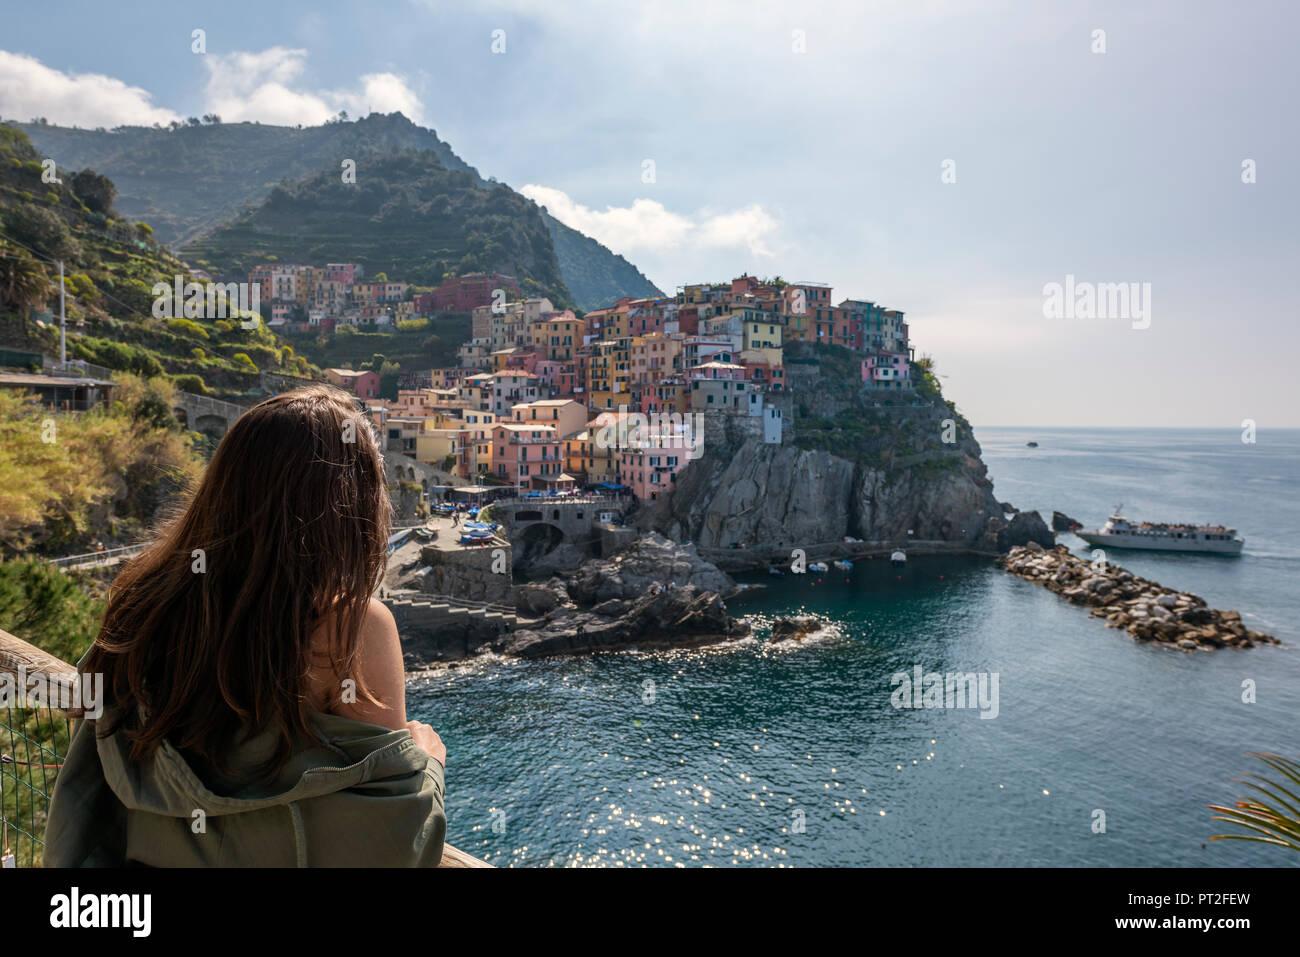 Italy, Liguria, La Spezia, Cinque Terre National Park, young woman looking to Manarola - Stock Image